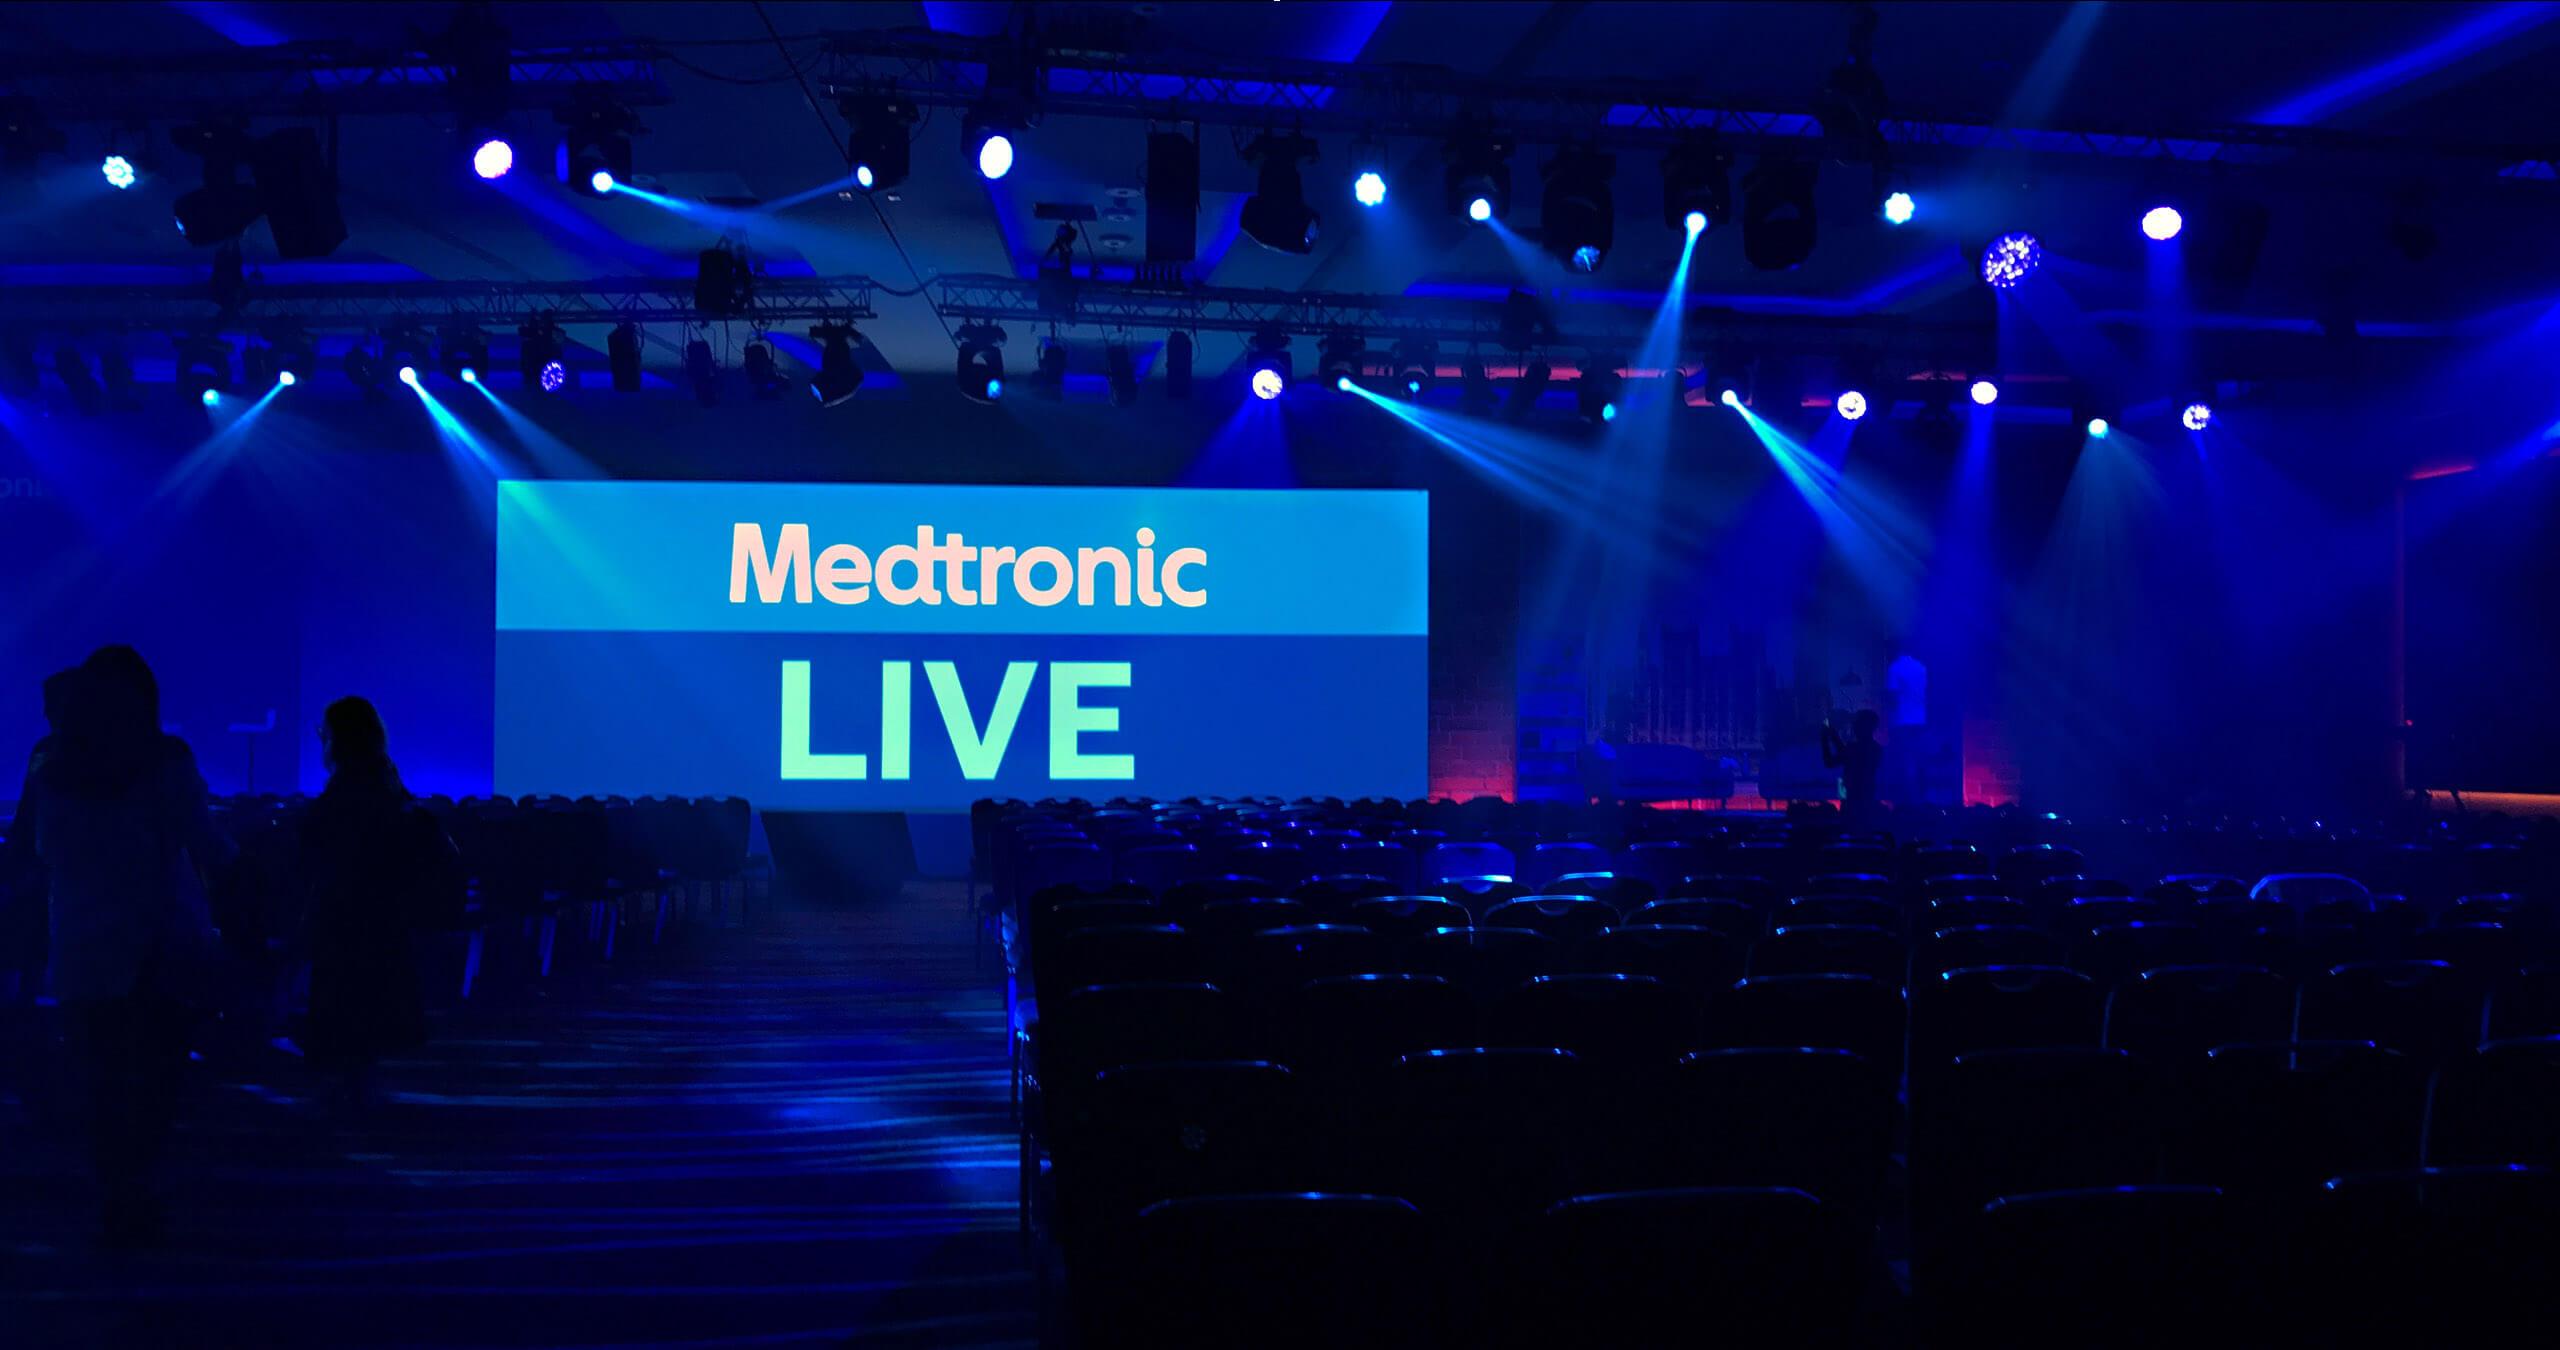 Medtronic Live